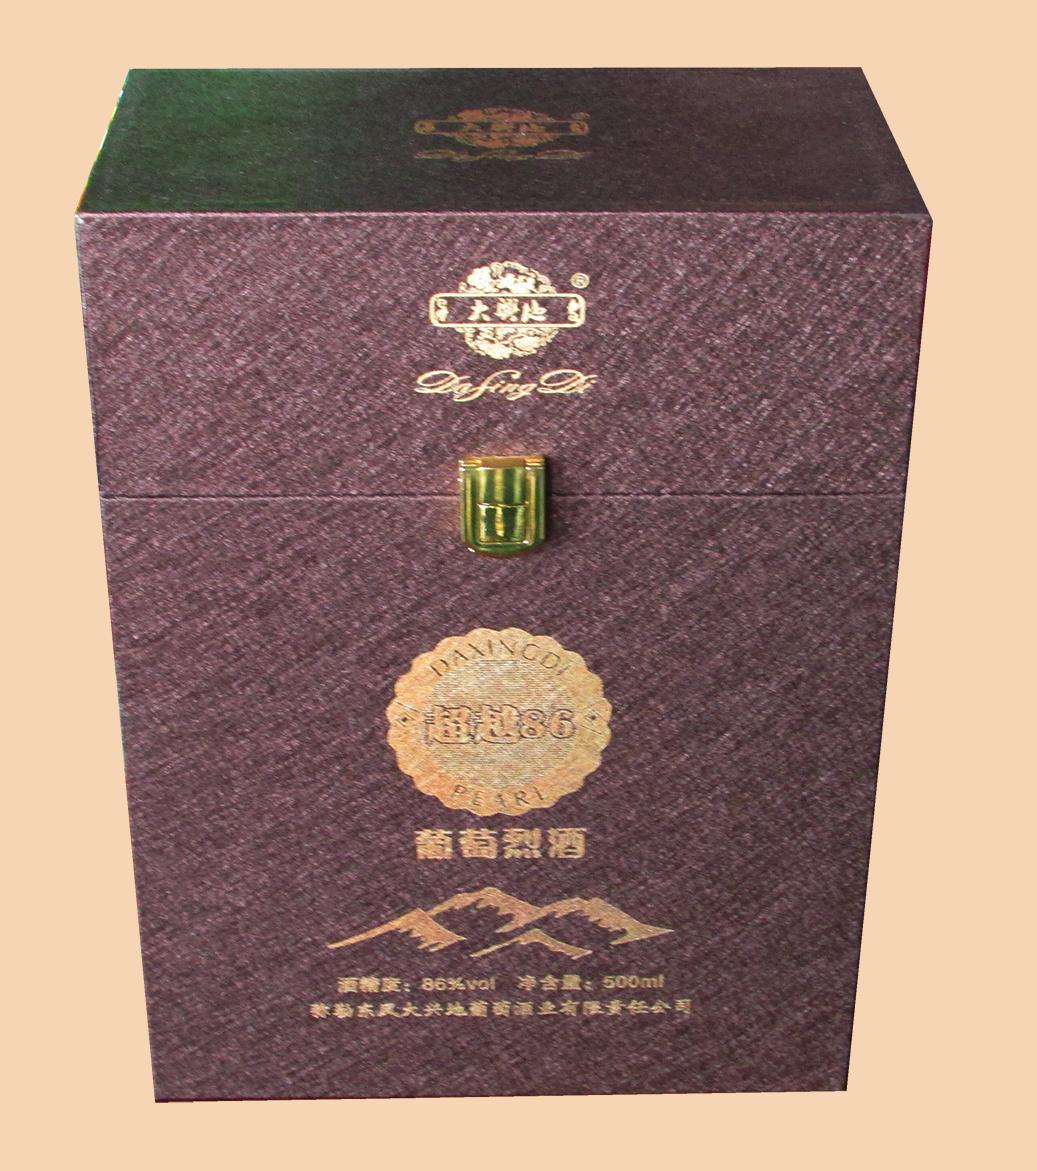 葡萄酒礼品盒